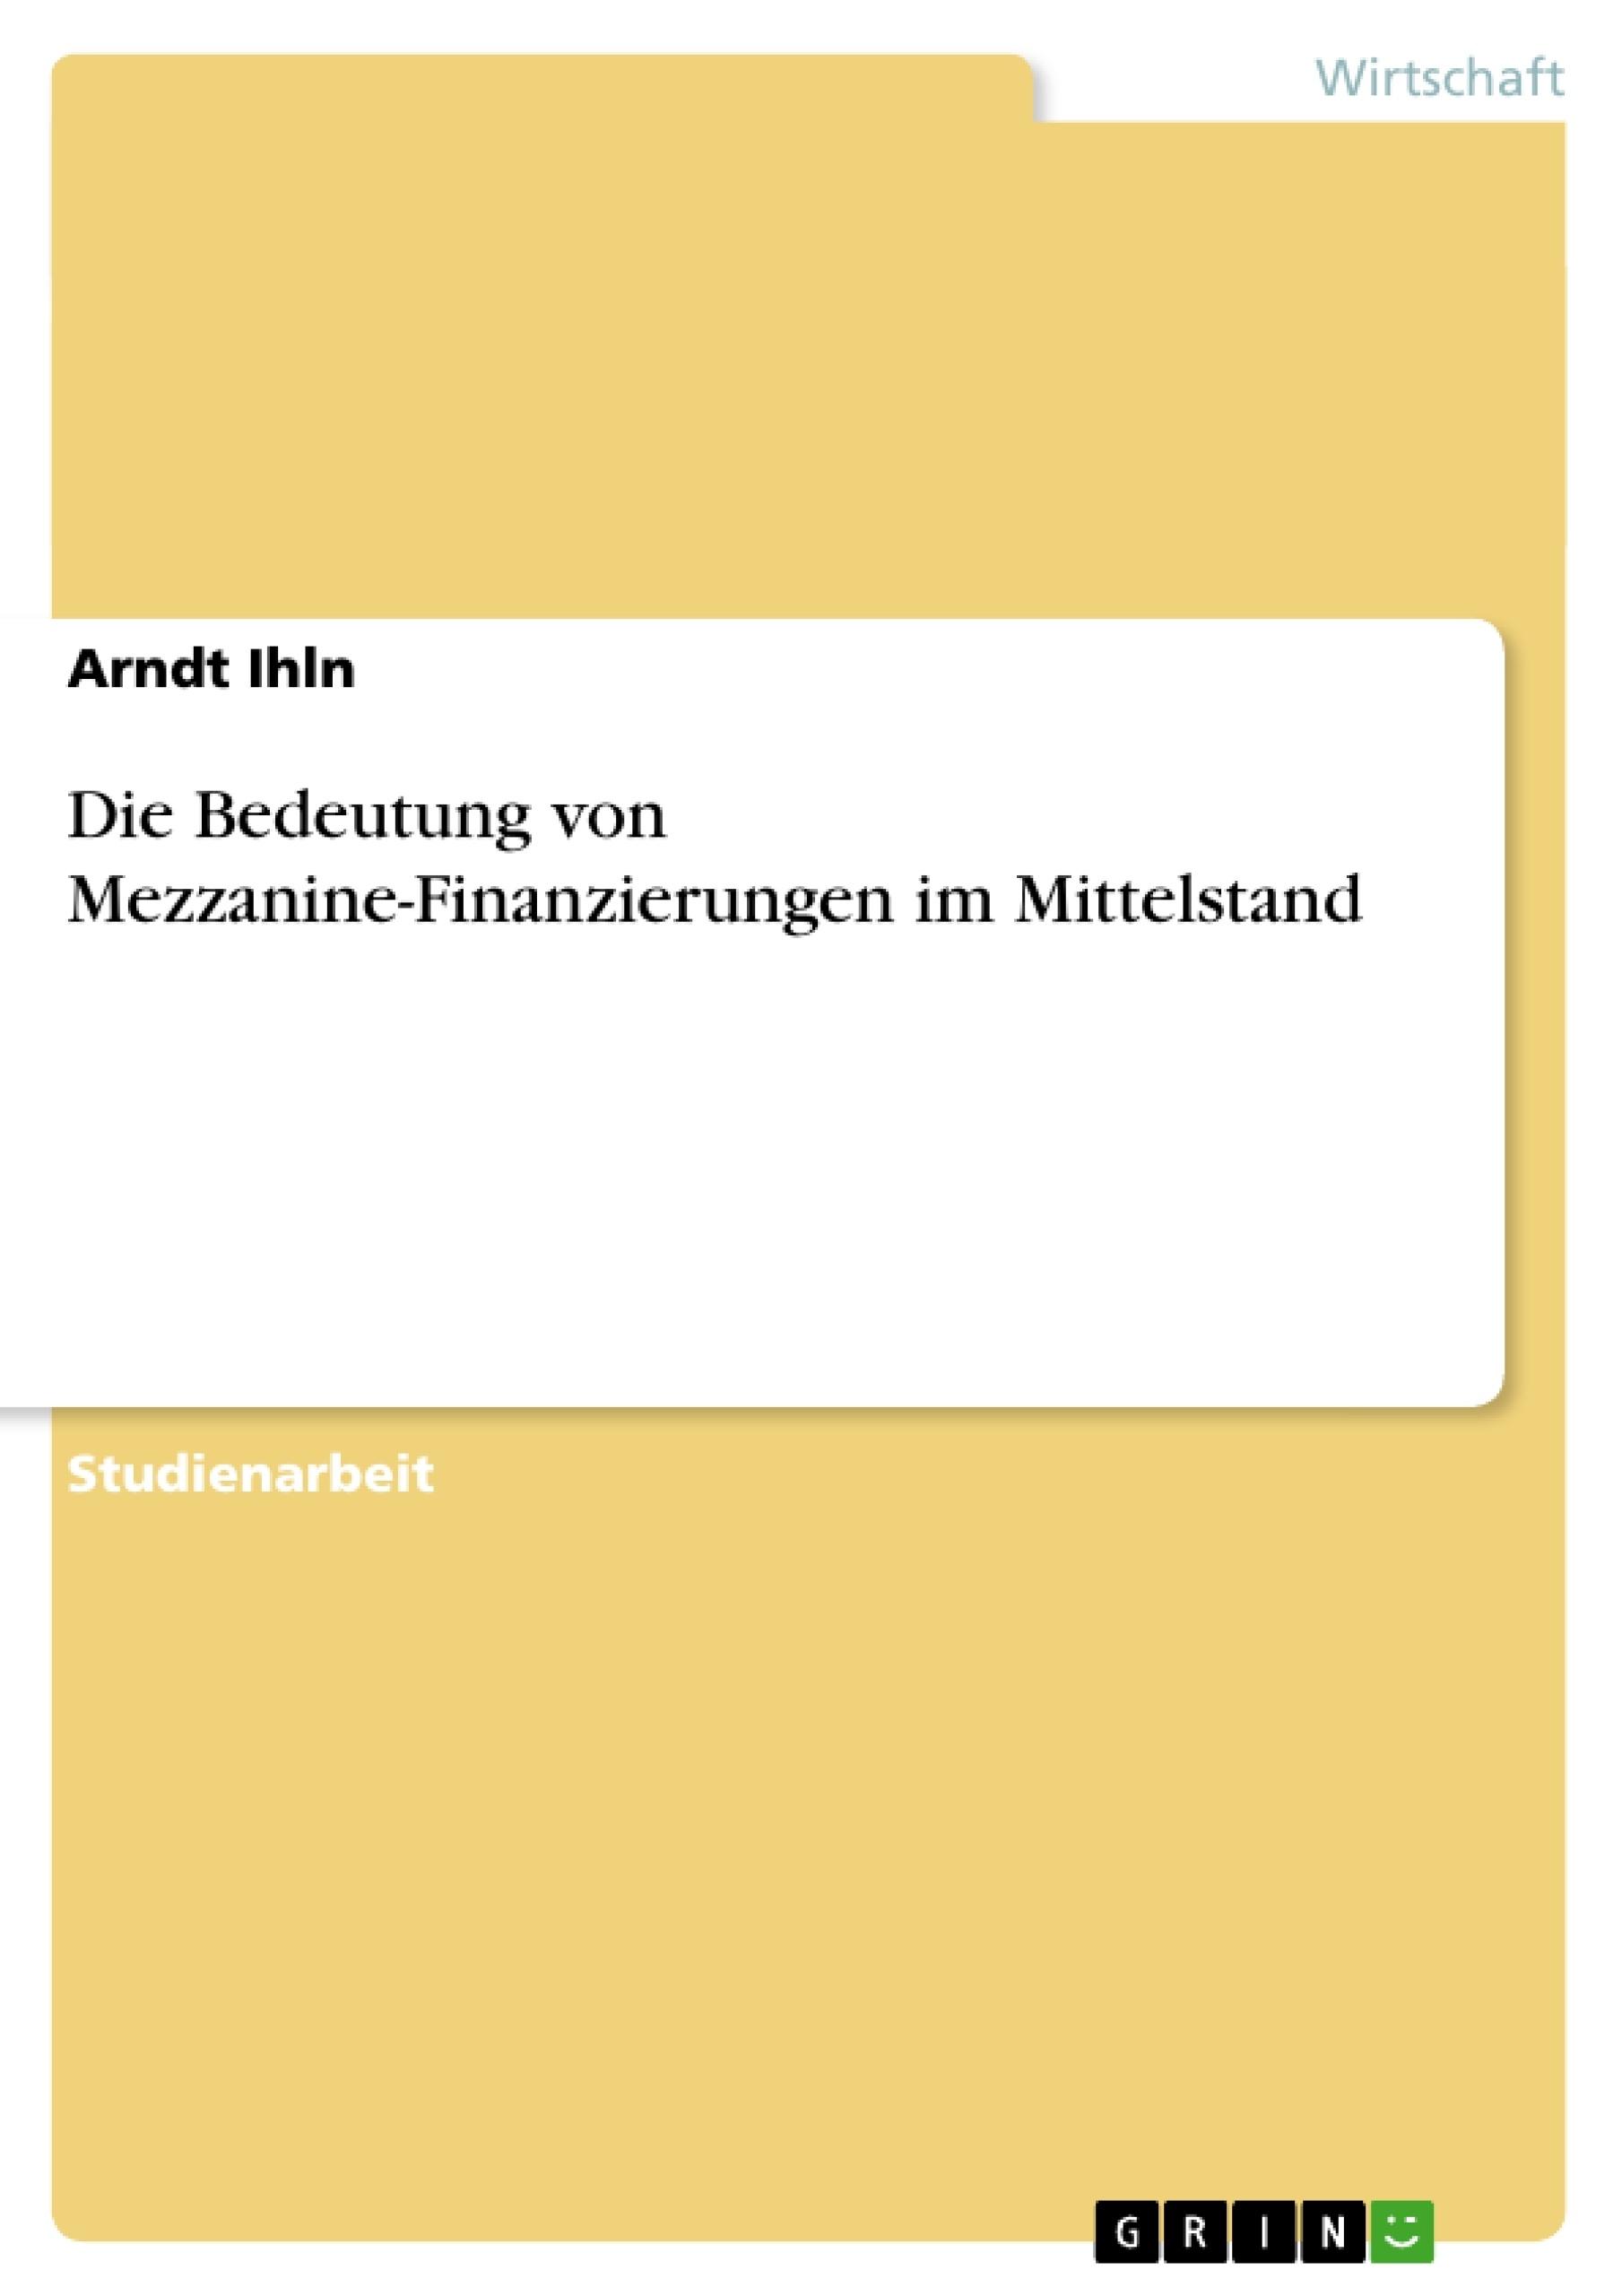 Titel: Die Bedeutung von Mezzanine-Finanzierungen im Mittelstand